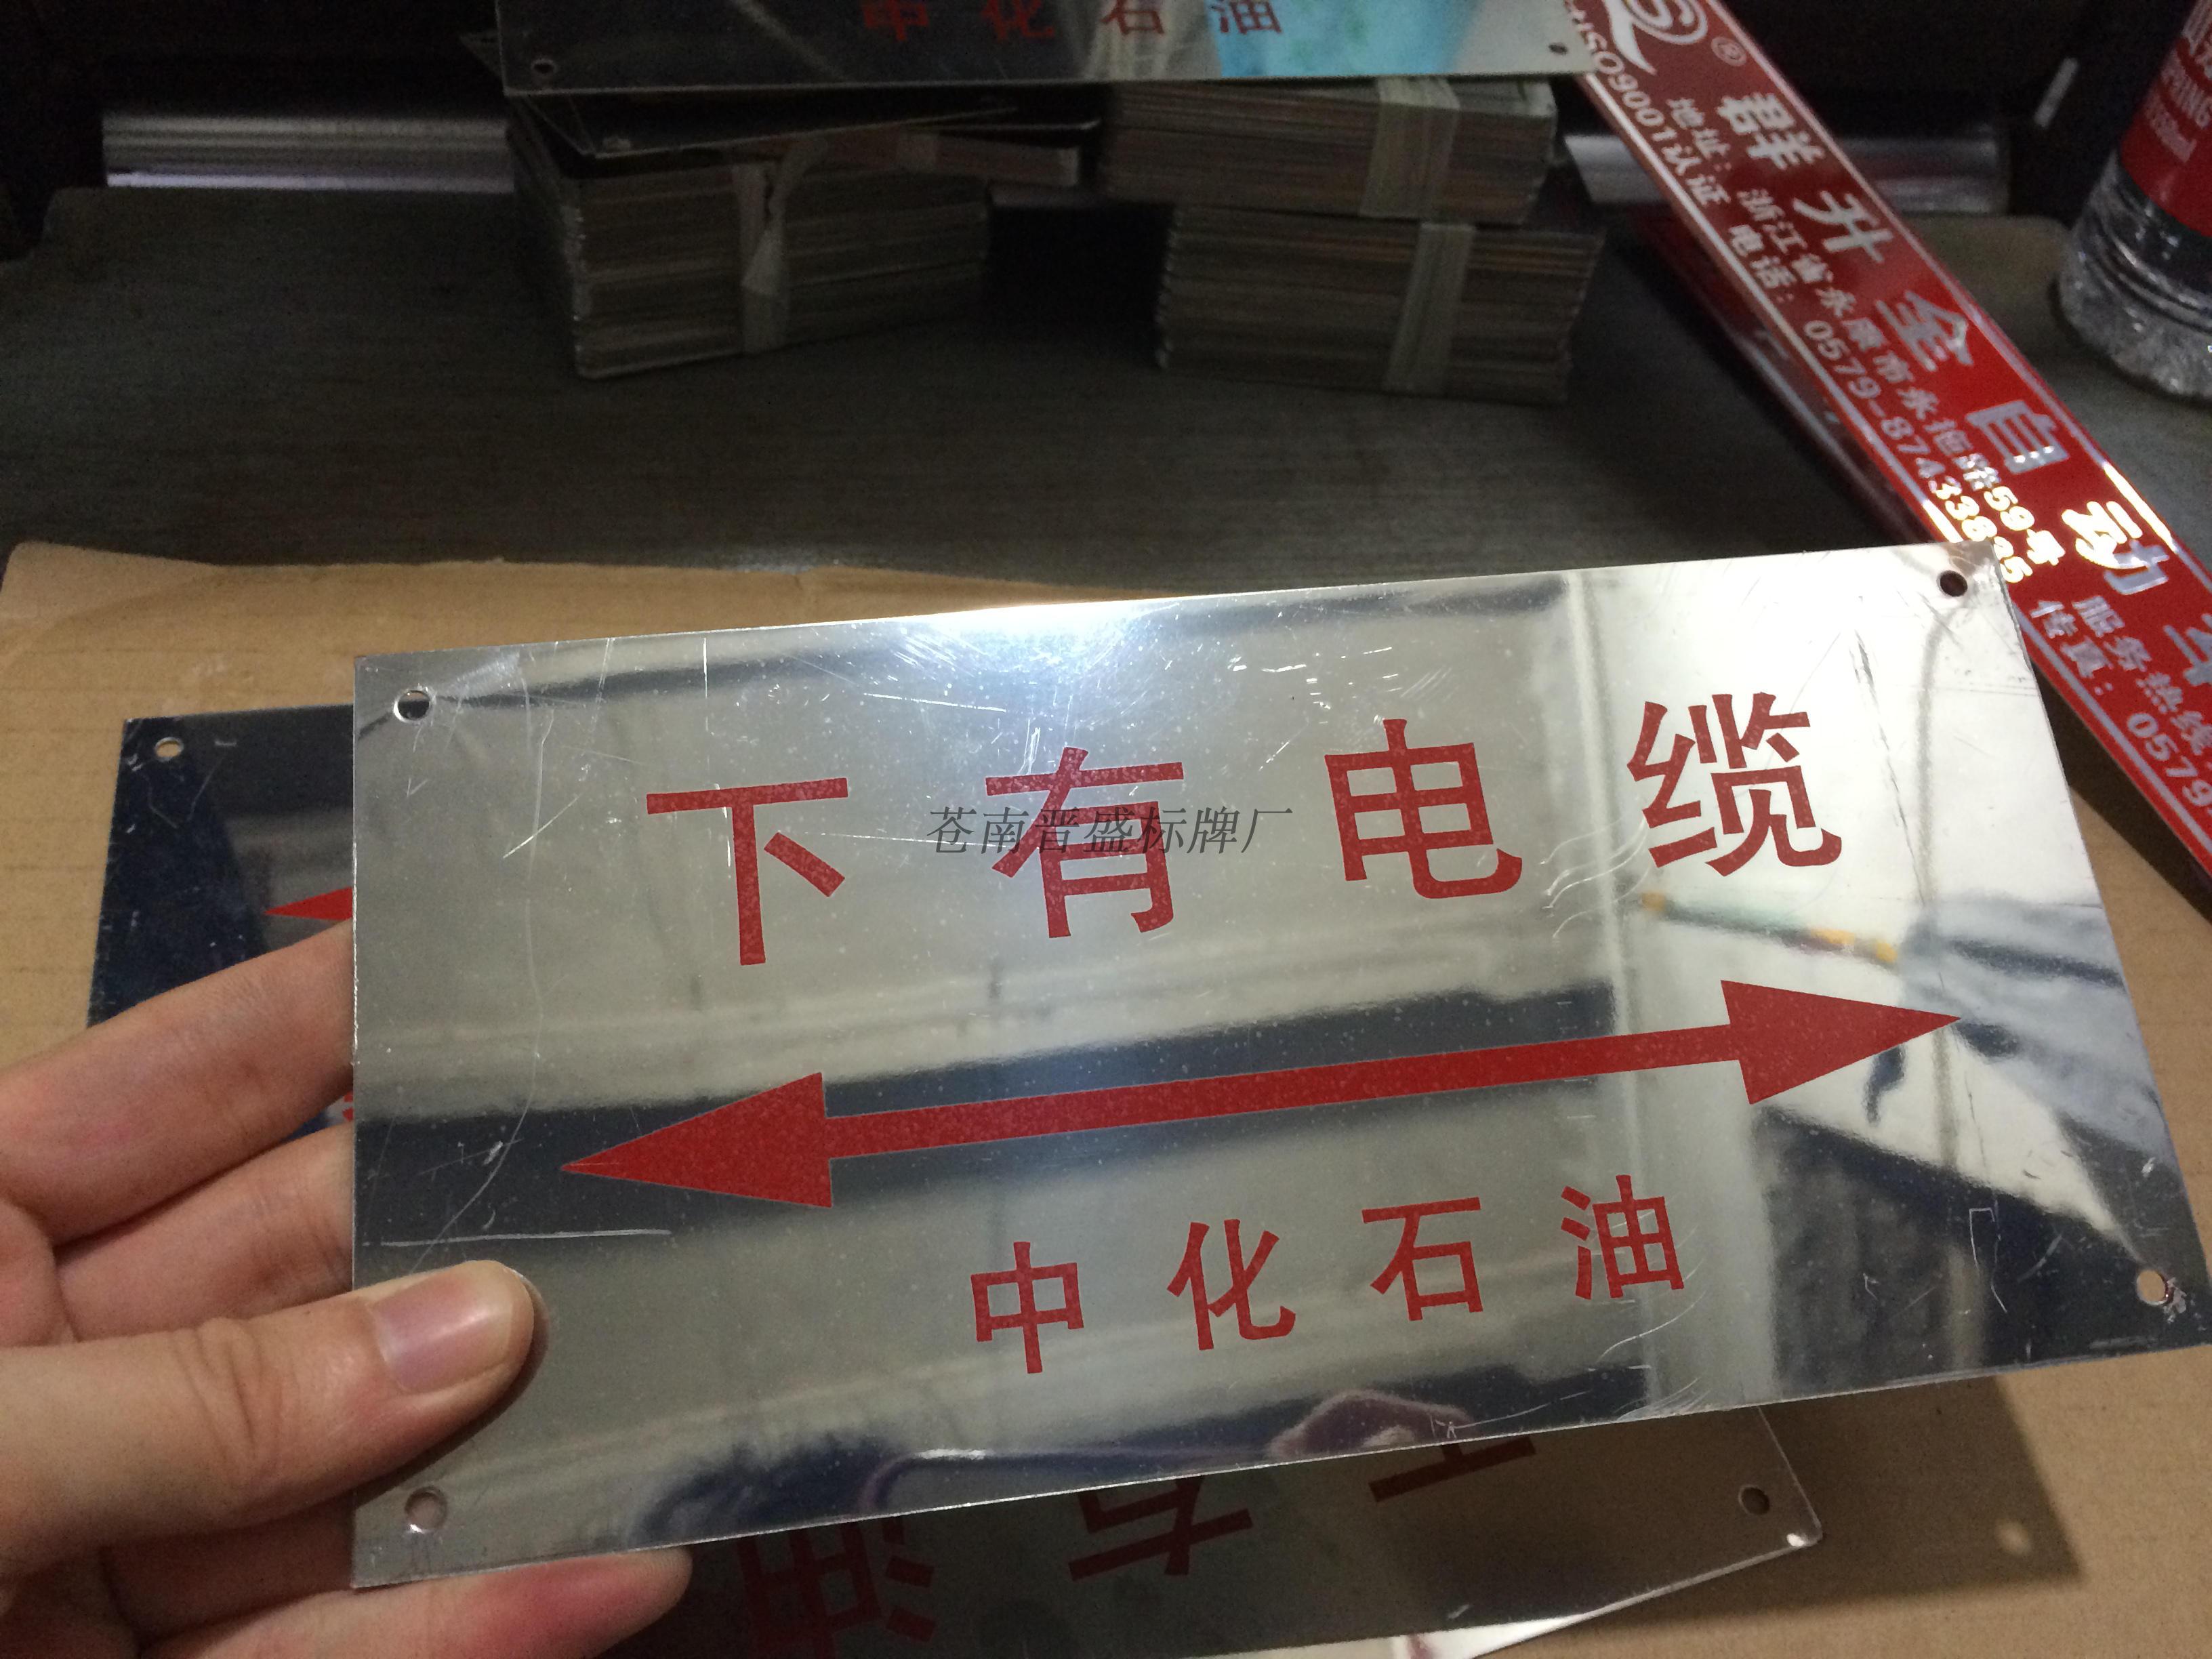 I produttori di Cavi di Acciaio inossidabile di vendere su misura di Segni incisi Segno la targhetta di Metallo la serigrafia targhetta di Alluminio